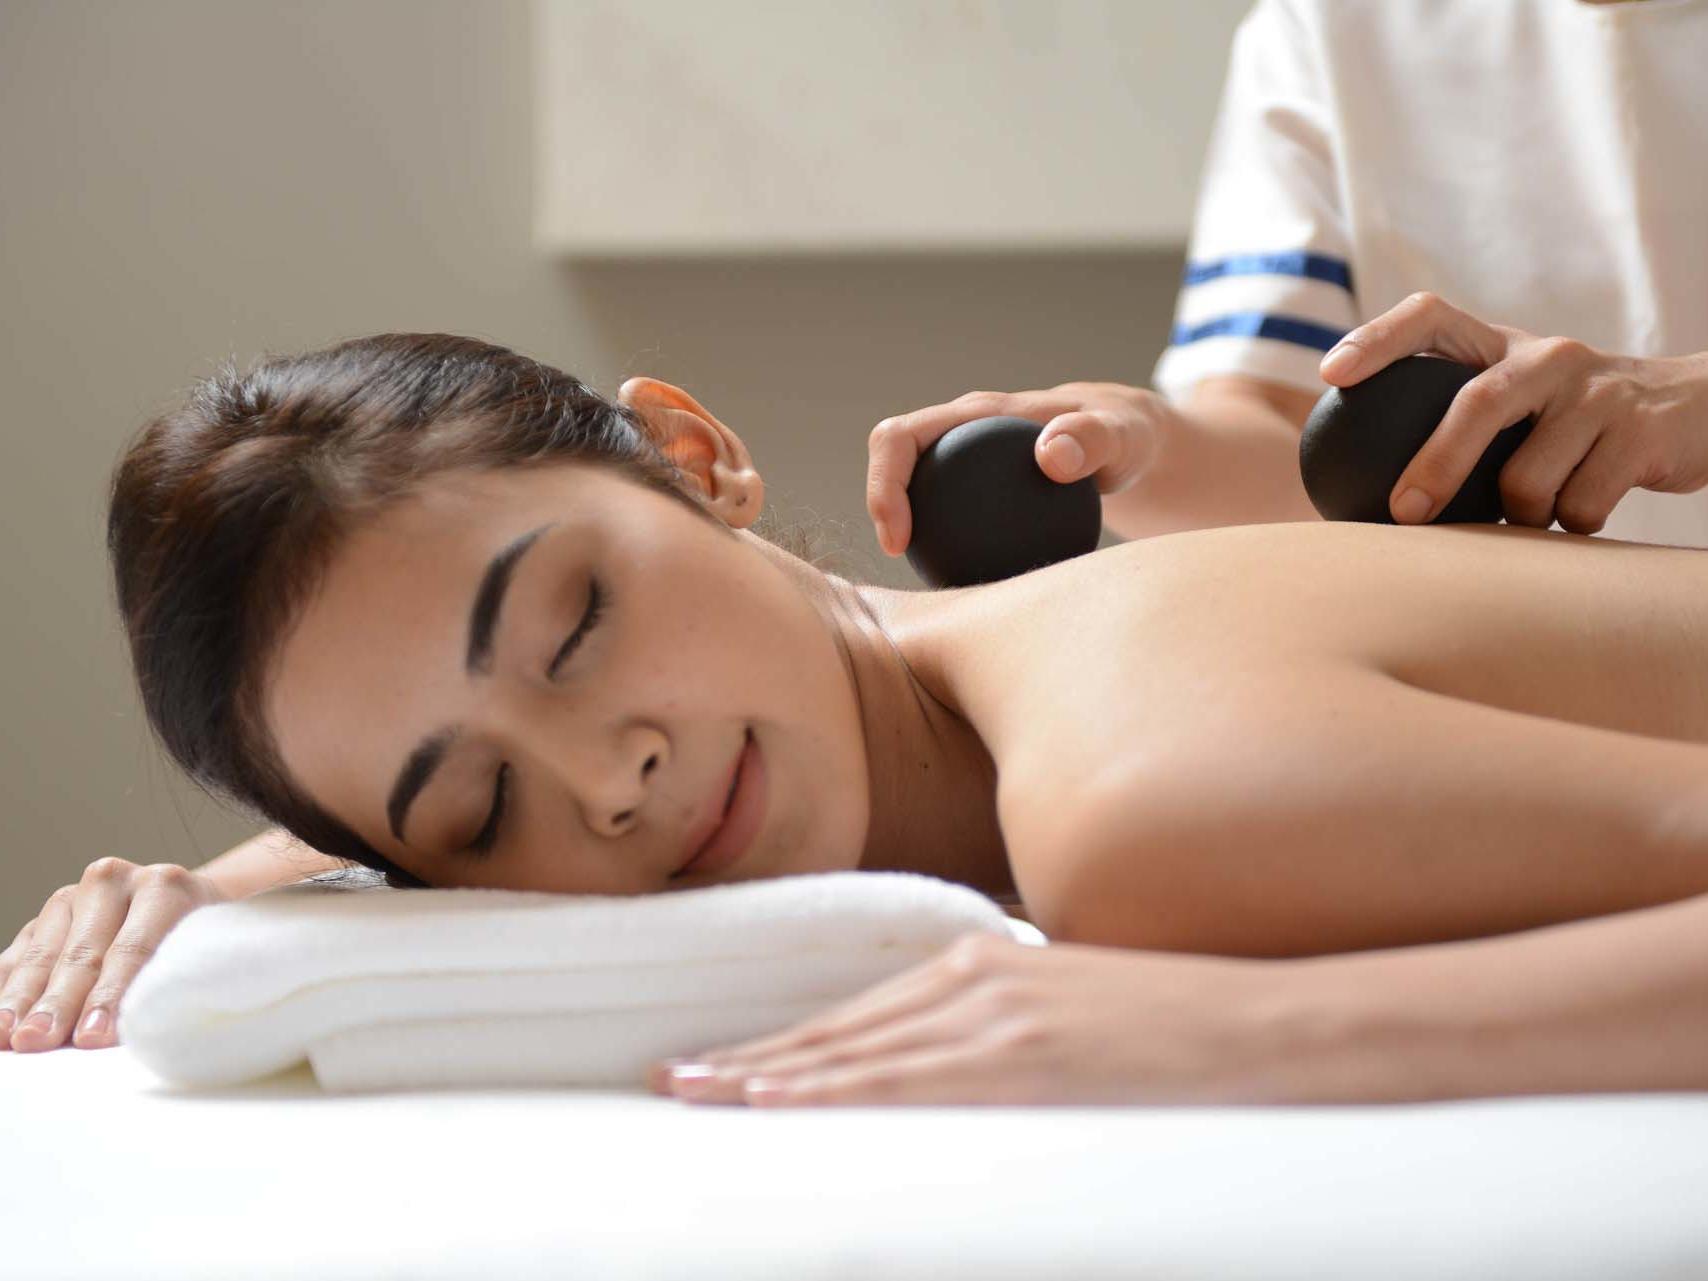 woman enjoying hot stone massage